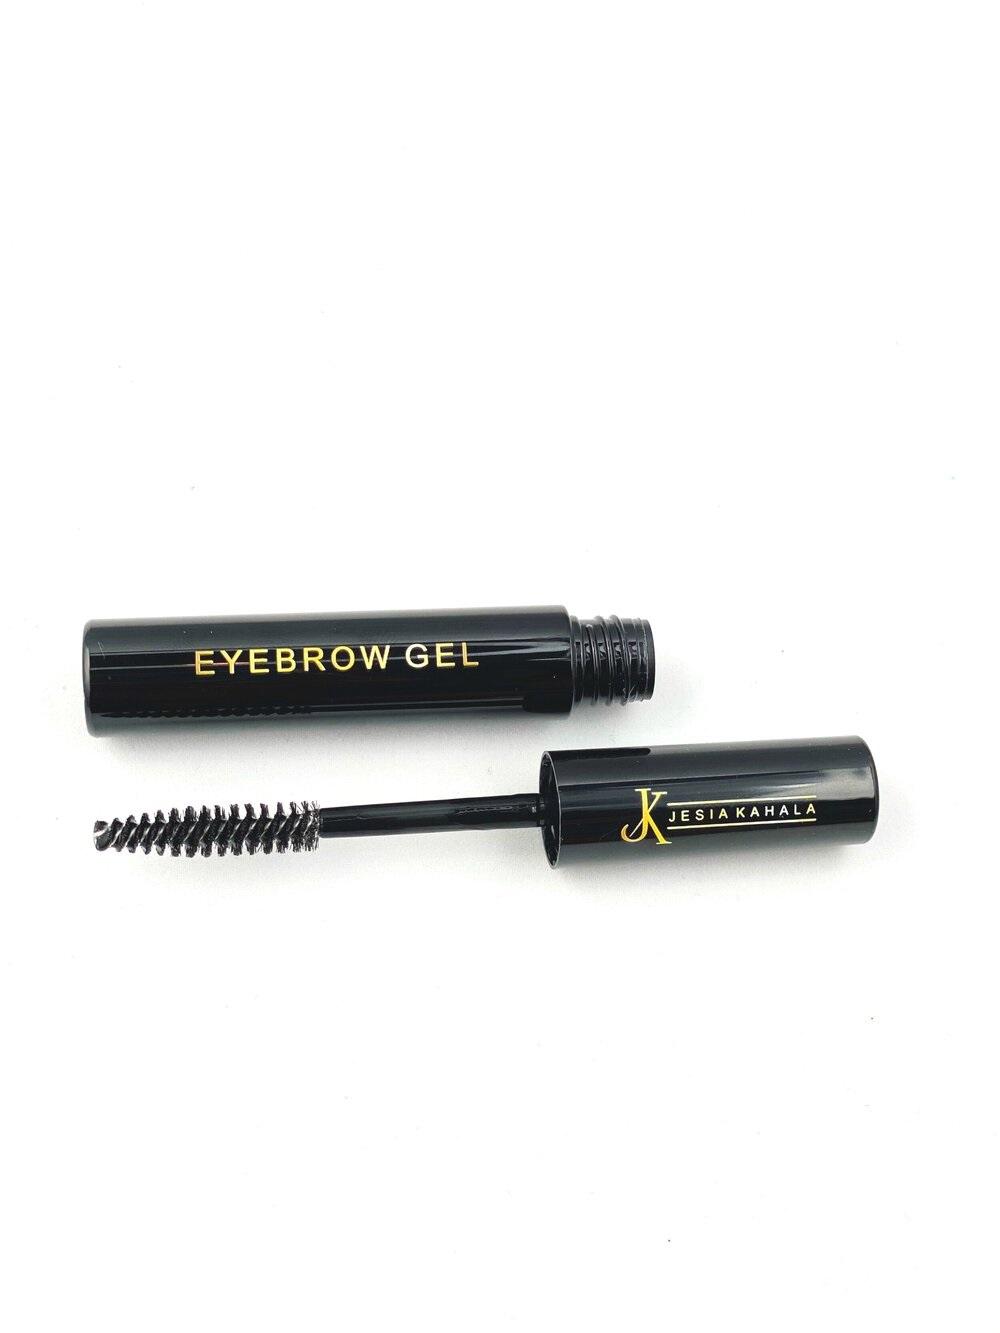 Un producto en gel sin color para cuando quieras dejarlas naturales, como el Eyebrow Gel Clear de Jesia Kahala, a la venta en https://www.jesiakahala.com/ (Suministrada)